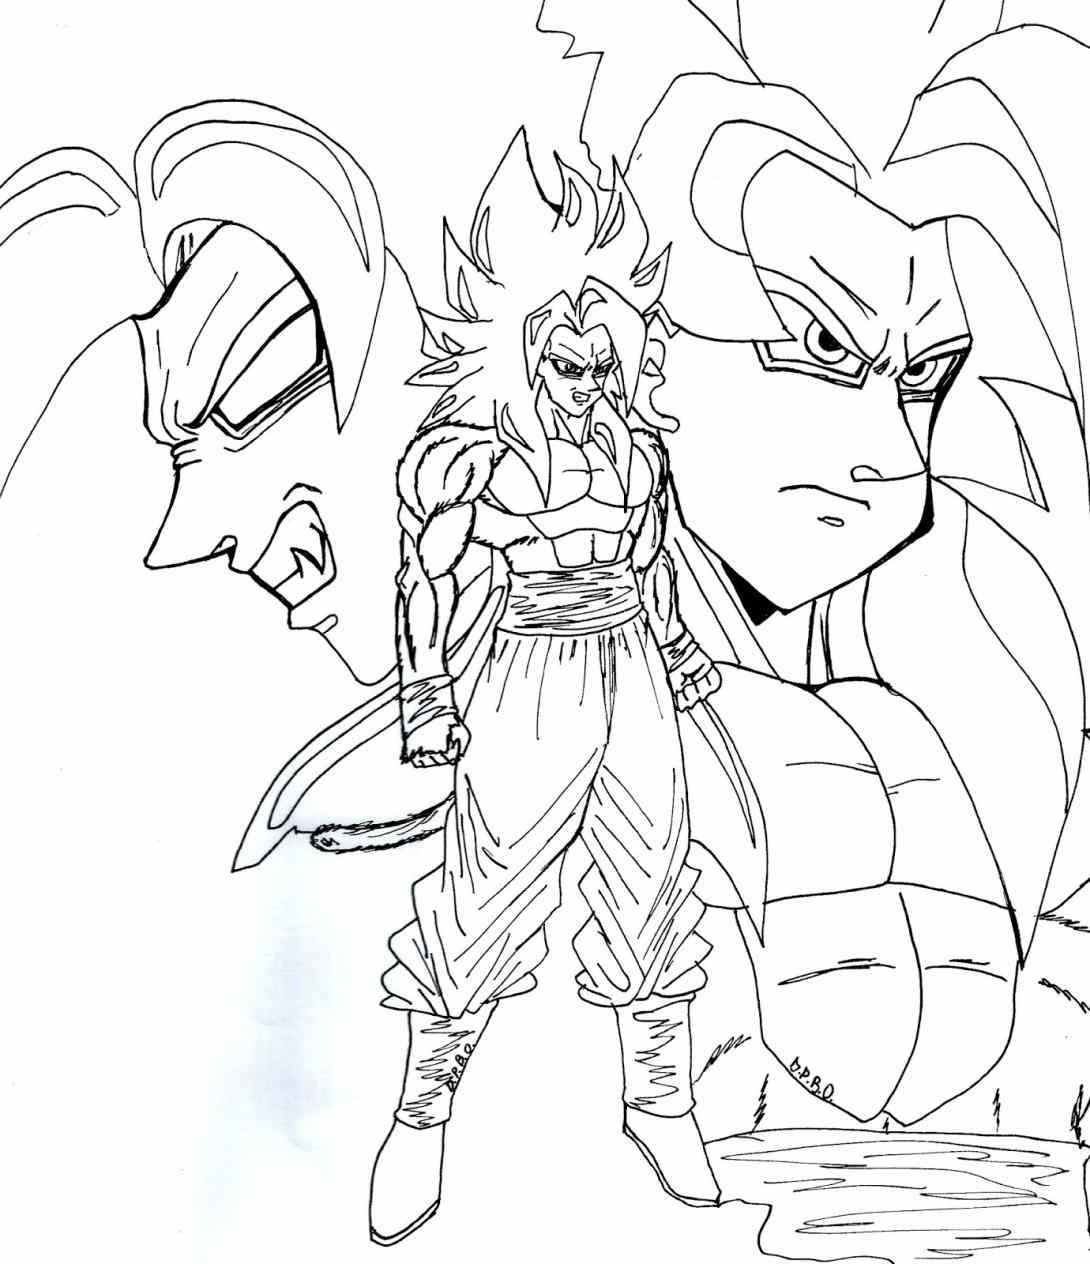 1090x1264 How To Draw Goku Super Saiyan From Dragonball Z Mangajamcom. Goku